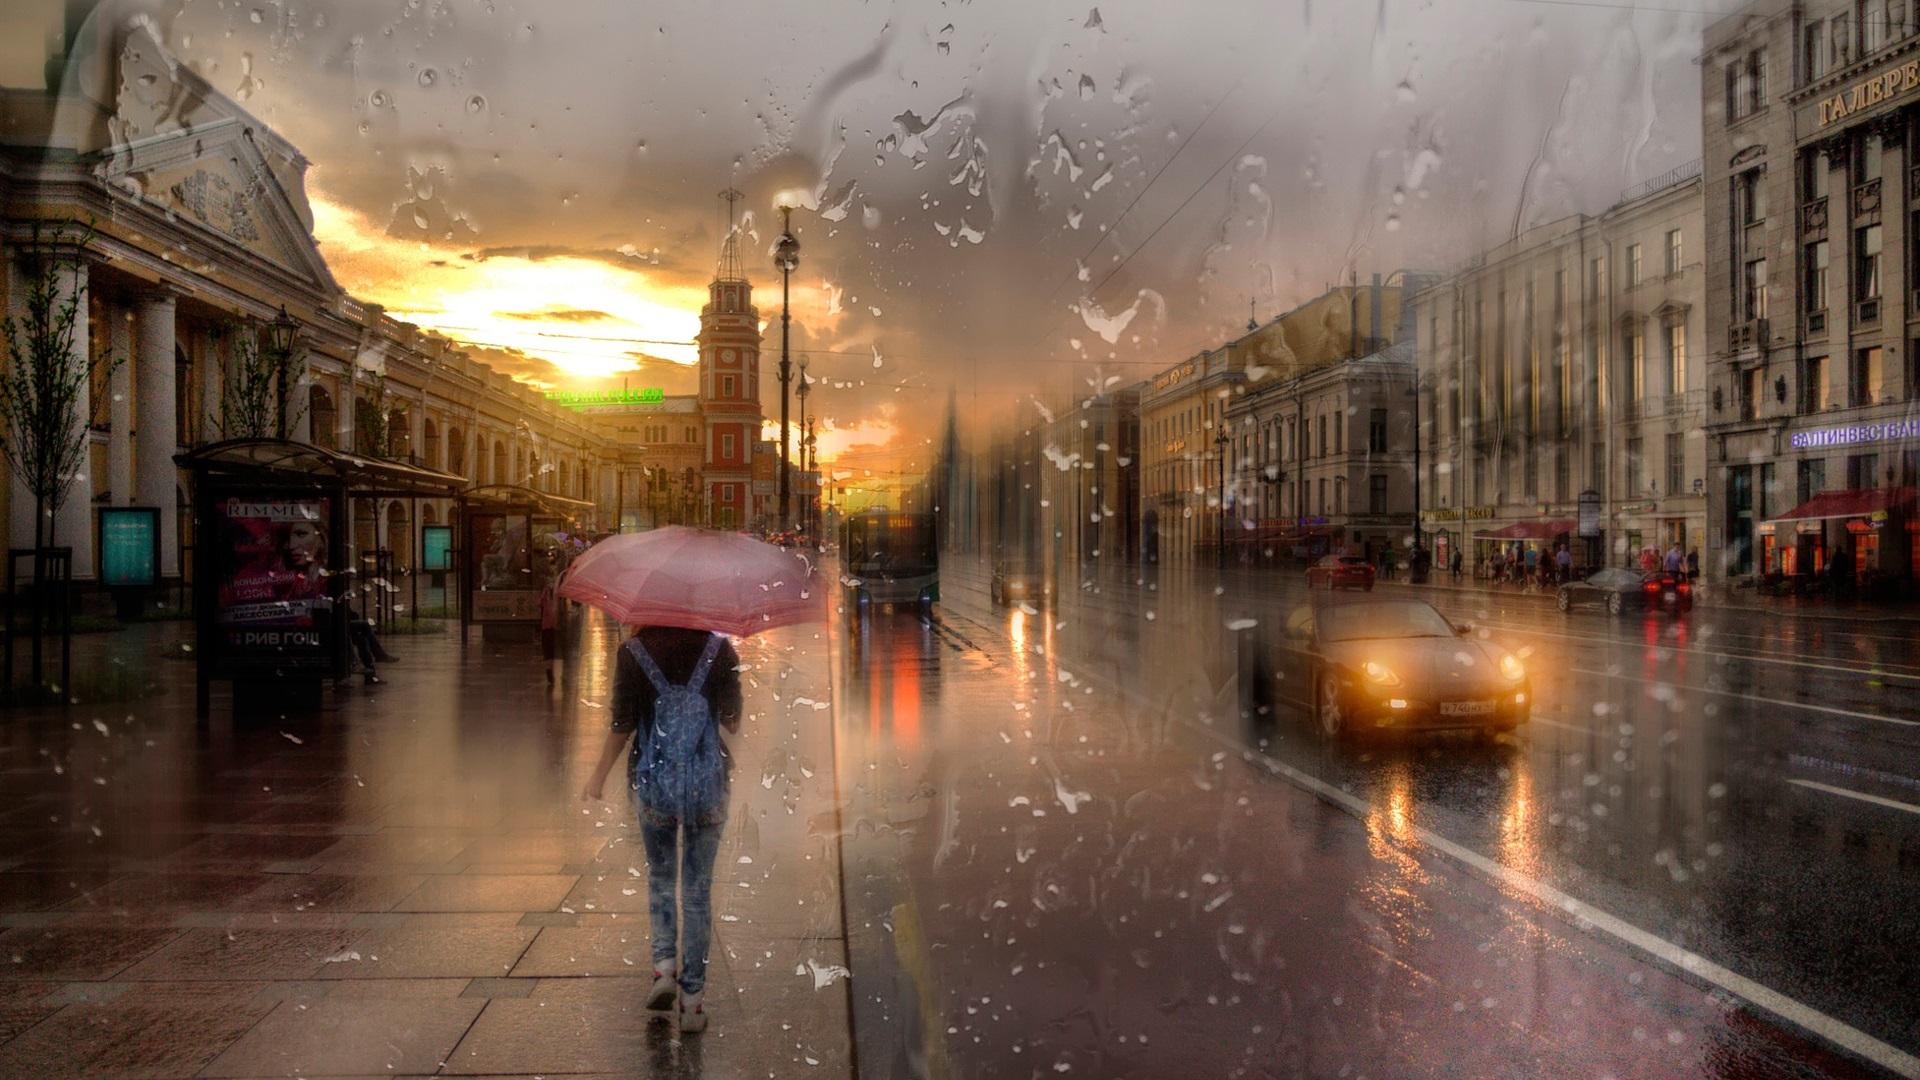 дождь питер обои для рабочего стола № 452356 без смс